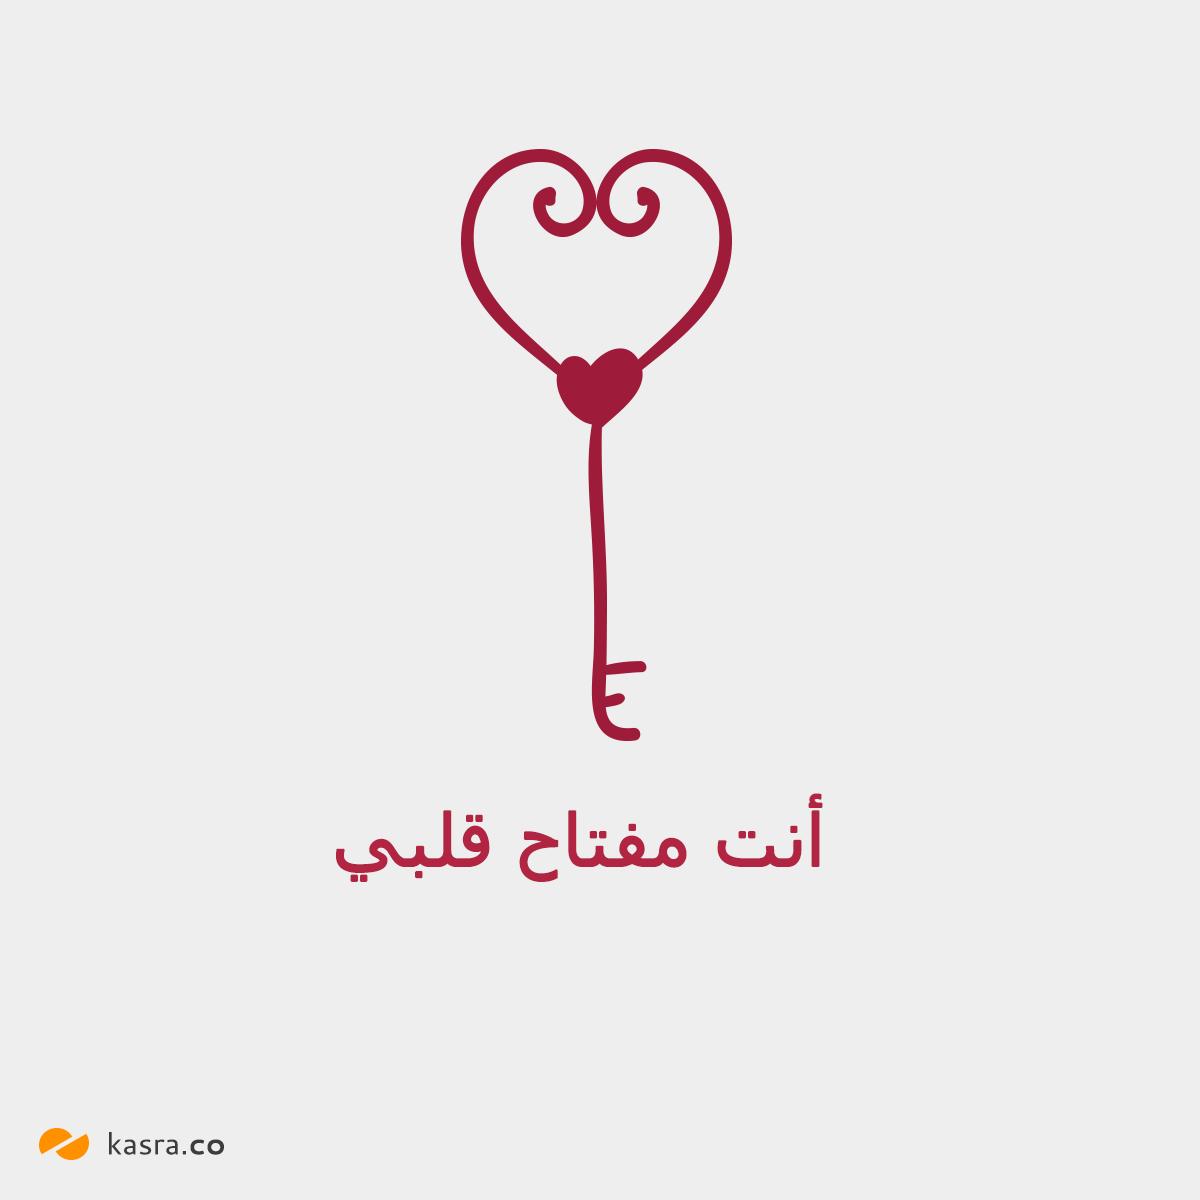 بطاقة عيد الحب أنت مفتاح قلبي Home Decor Decals Decor Home Decor